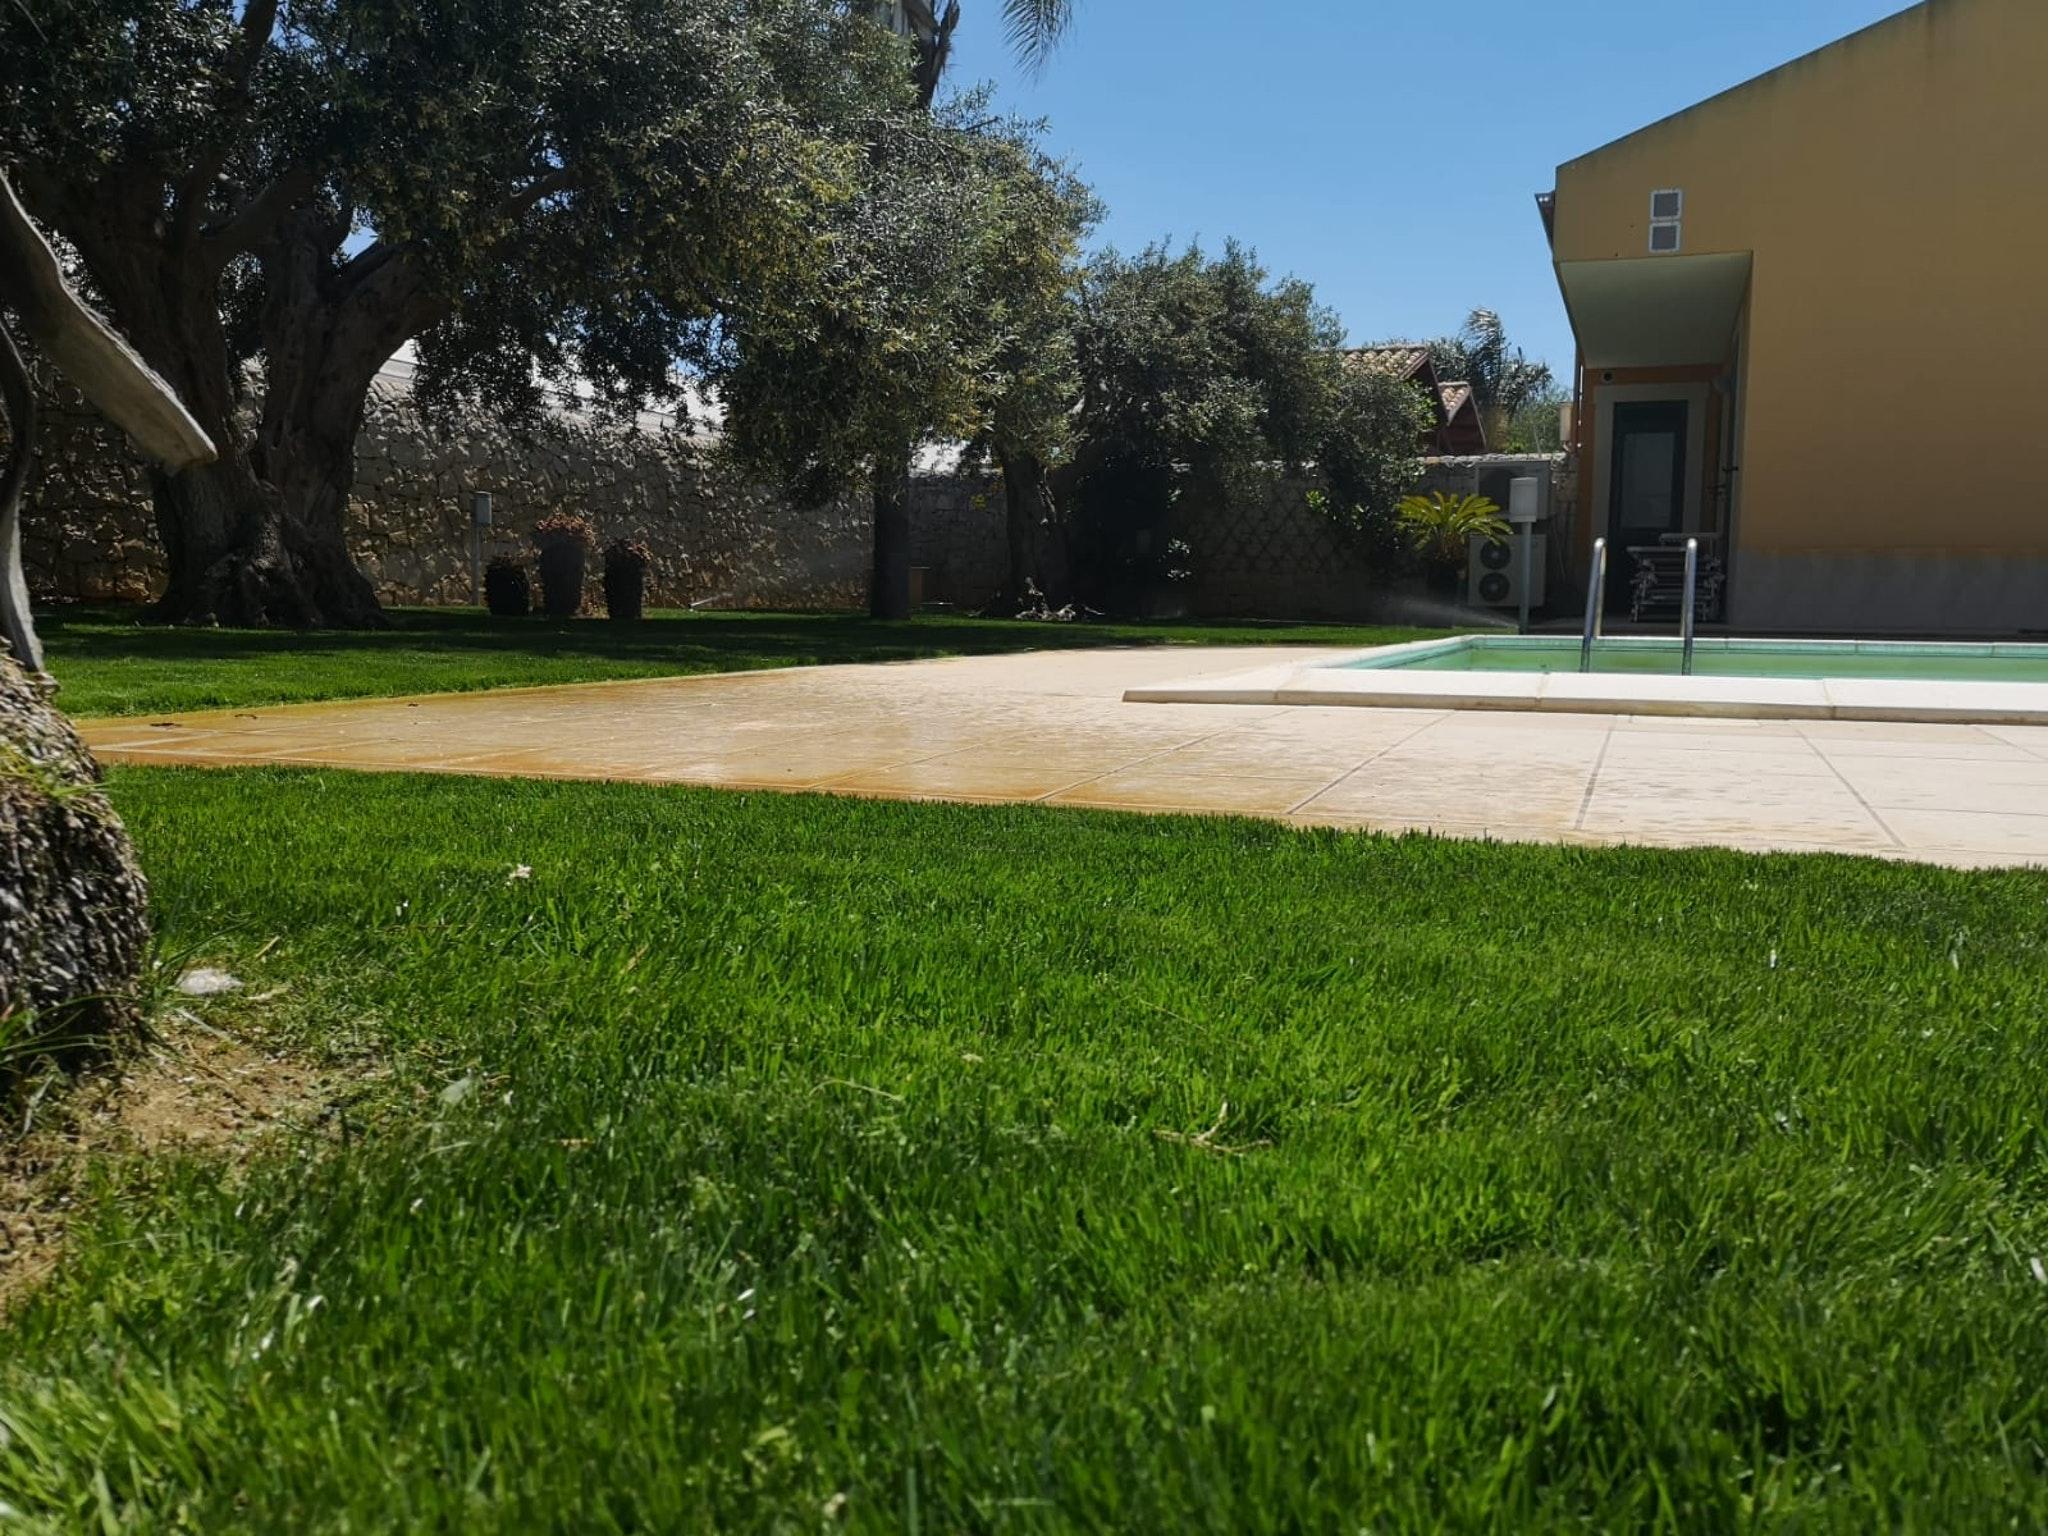 Maison de vacances Villa mit 4 Schlafzimmern in Scicli mit privatem Pool, eingezäuntem Garten und W-LAN - 300 (2617979), Scicli, Ragusa, Sicile, Italie, image 13